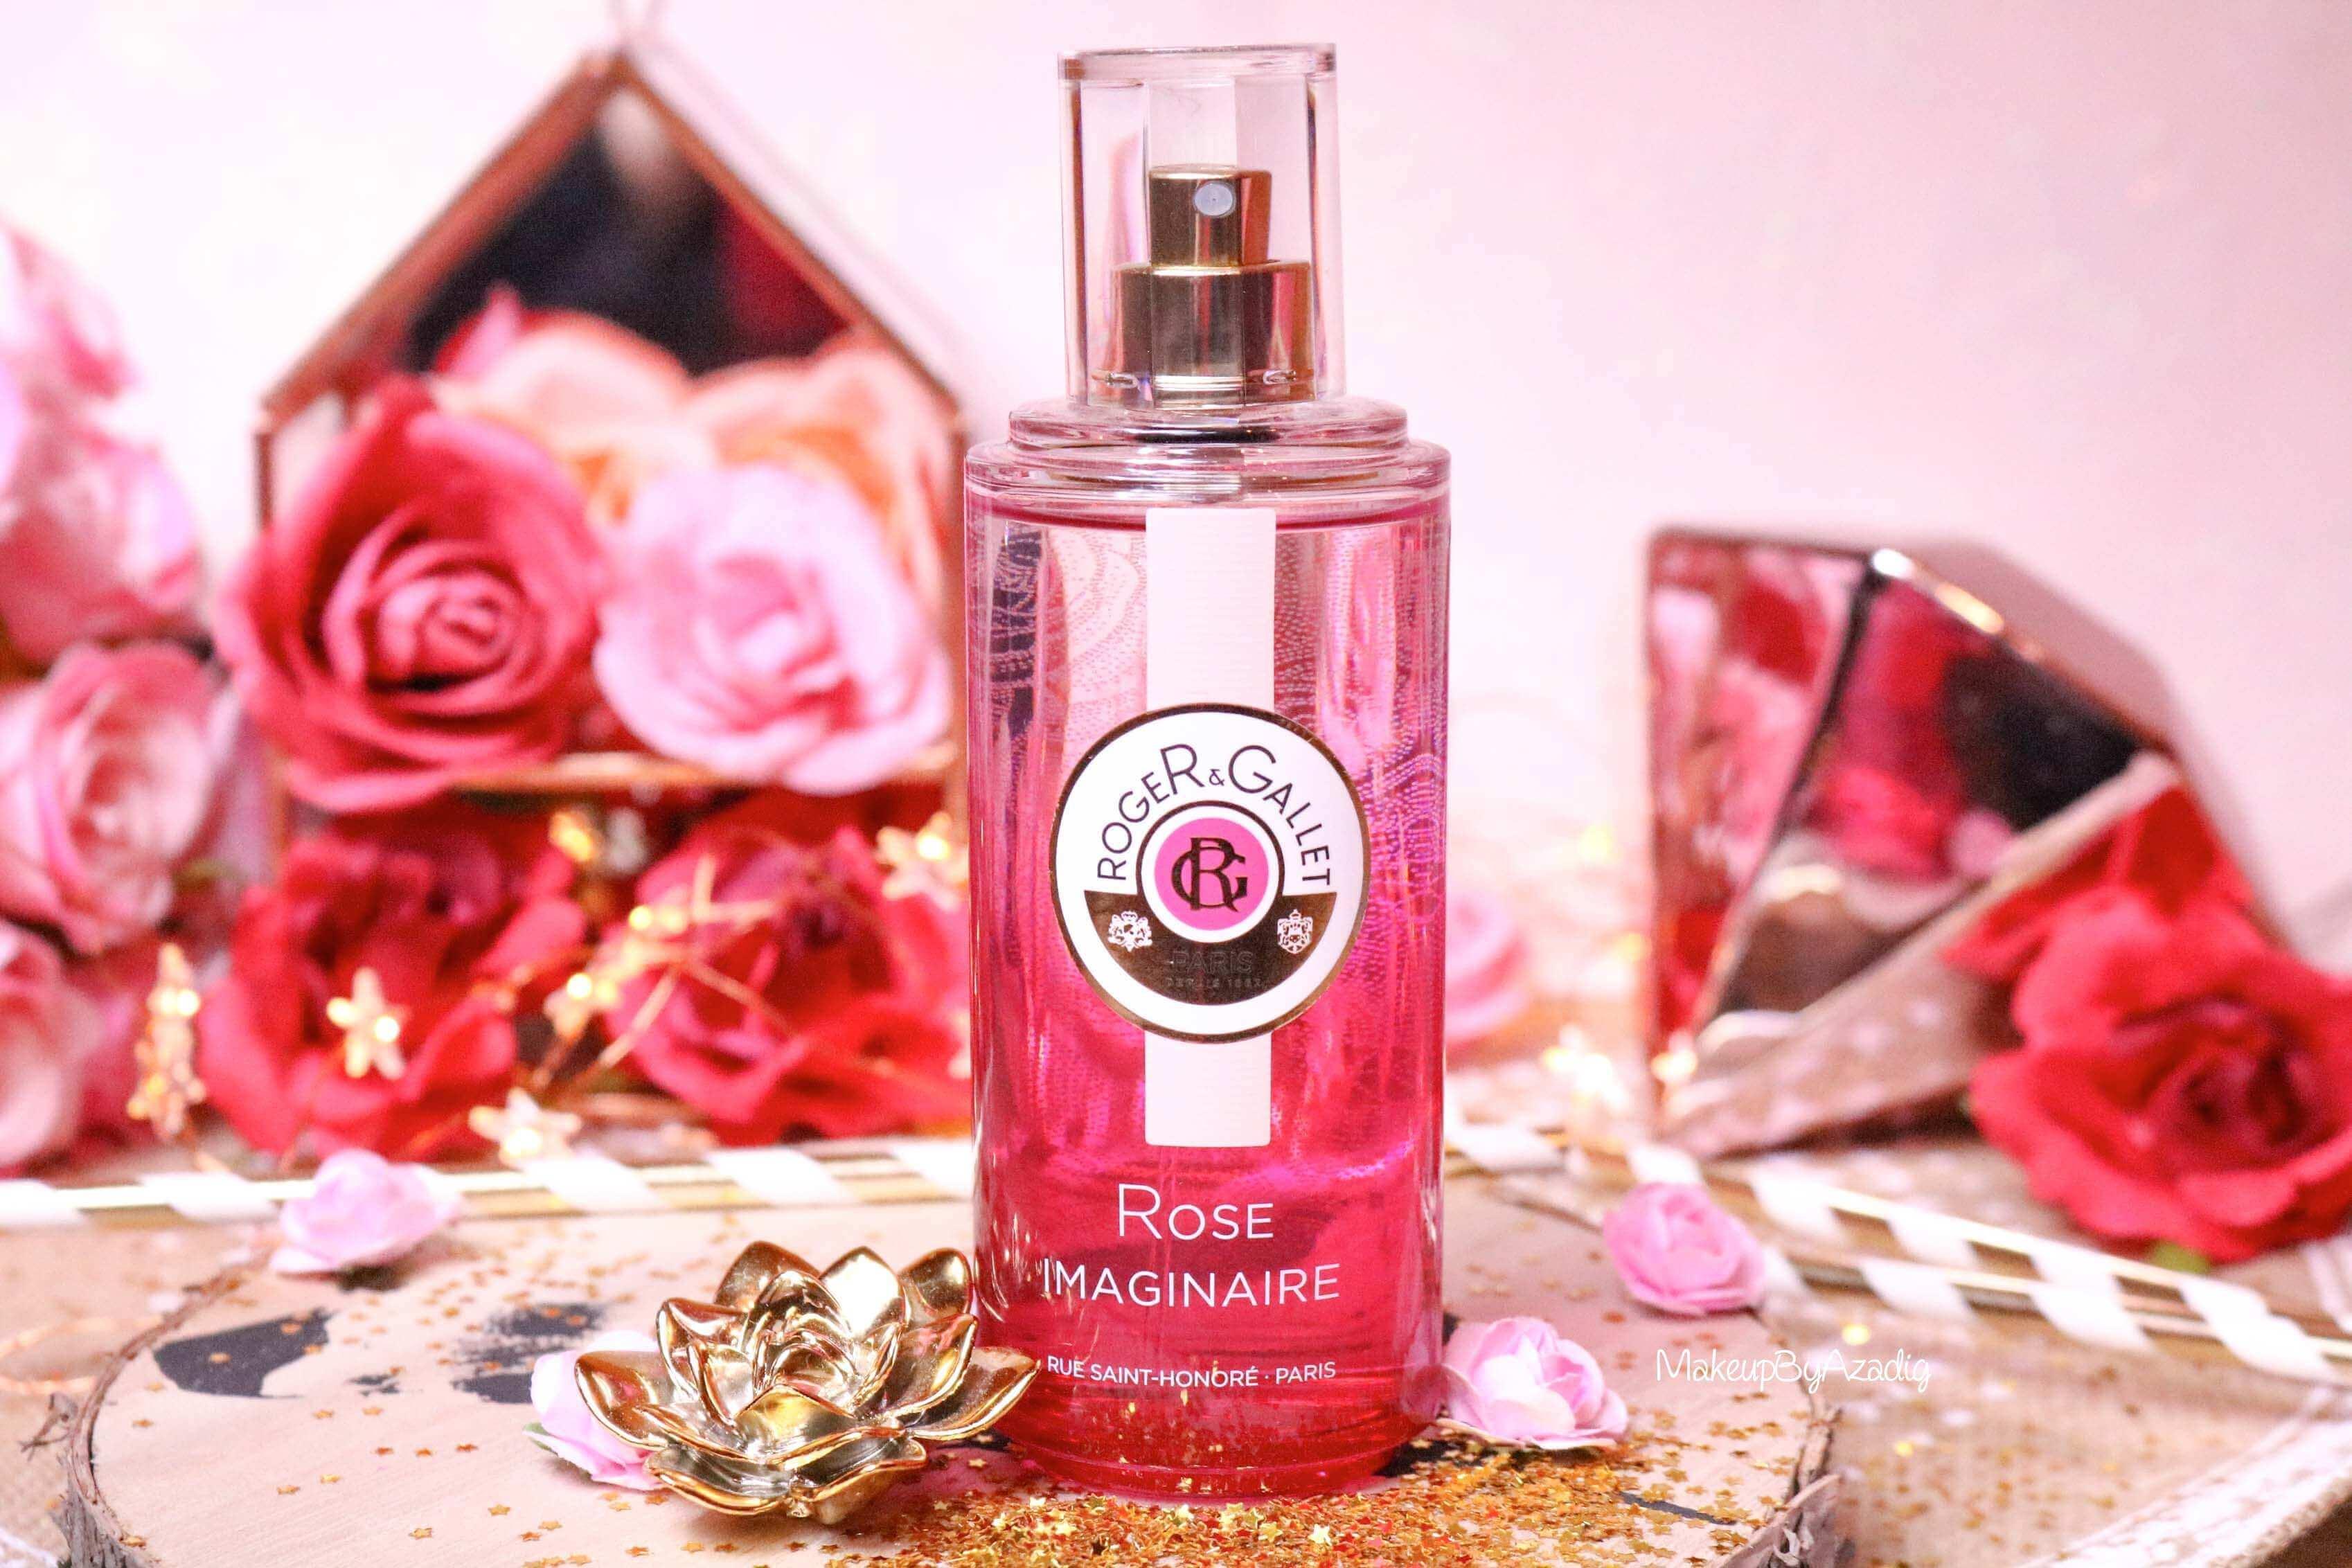 revue-eau-parfumee-bienfaisante-rose-imaginaire-roger-gallet-makeupbyazadig-parfum-bonne-tenue-avis-prix-monoprix-meilleur